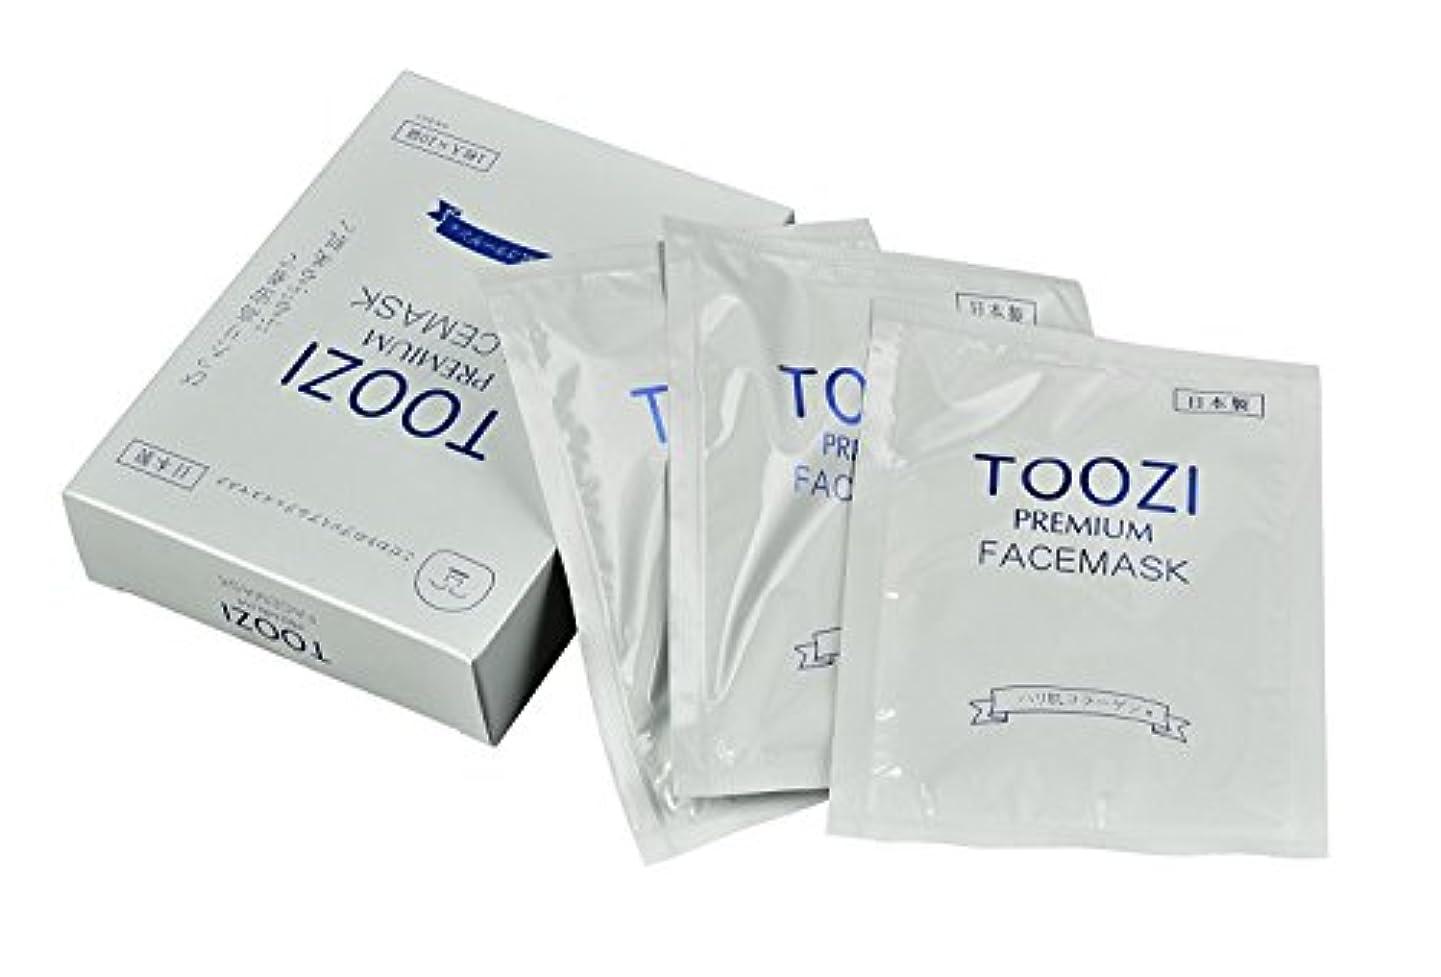 層昨日実装するTOOZIオリジナルフェイスマスク コラーゲン 10枚入り